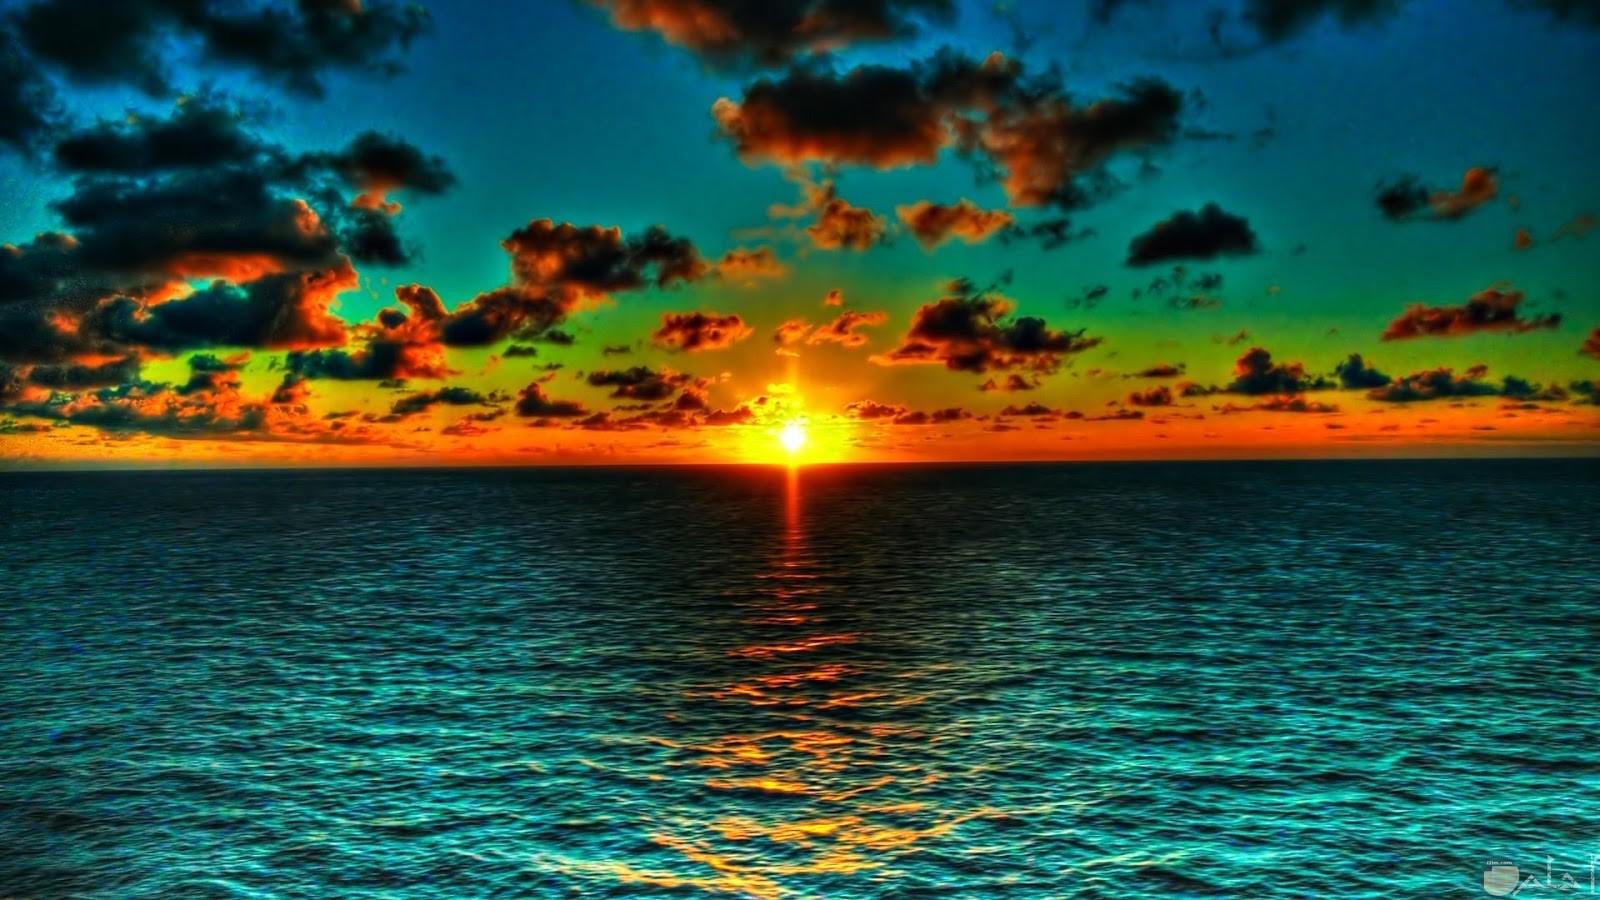 صورة لحظة خروج شروق شمس يوم جديد.